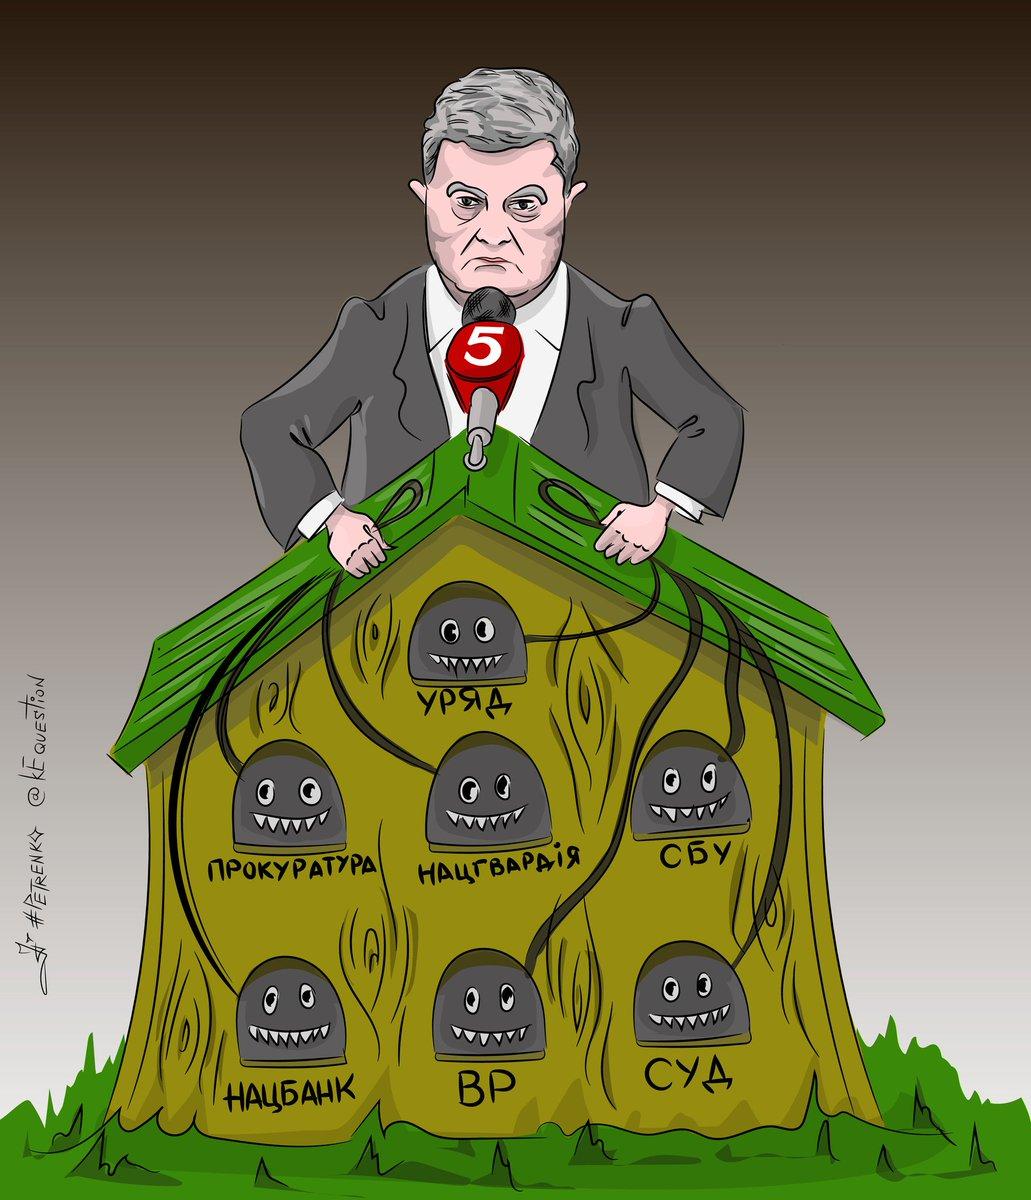 Незавершенность судебной реформы мешает экономическому росту Украины, - советник посольства США Шютте - Цензор.НЕТ 9063